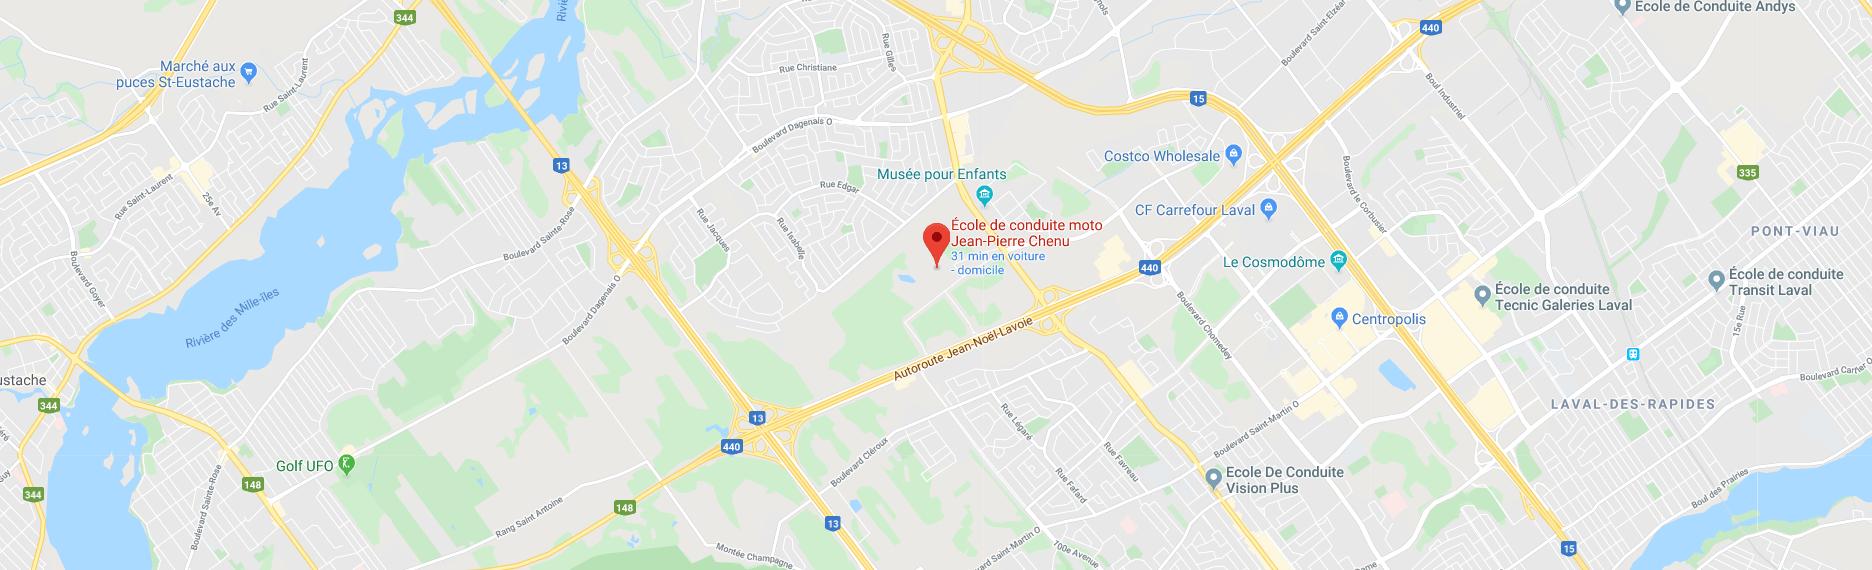 École de conduite moto Jean-Pierre Chenu - Google Maps